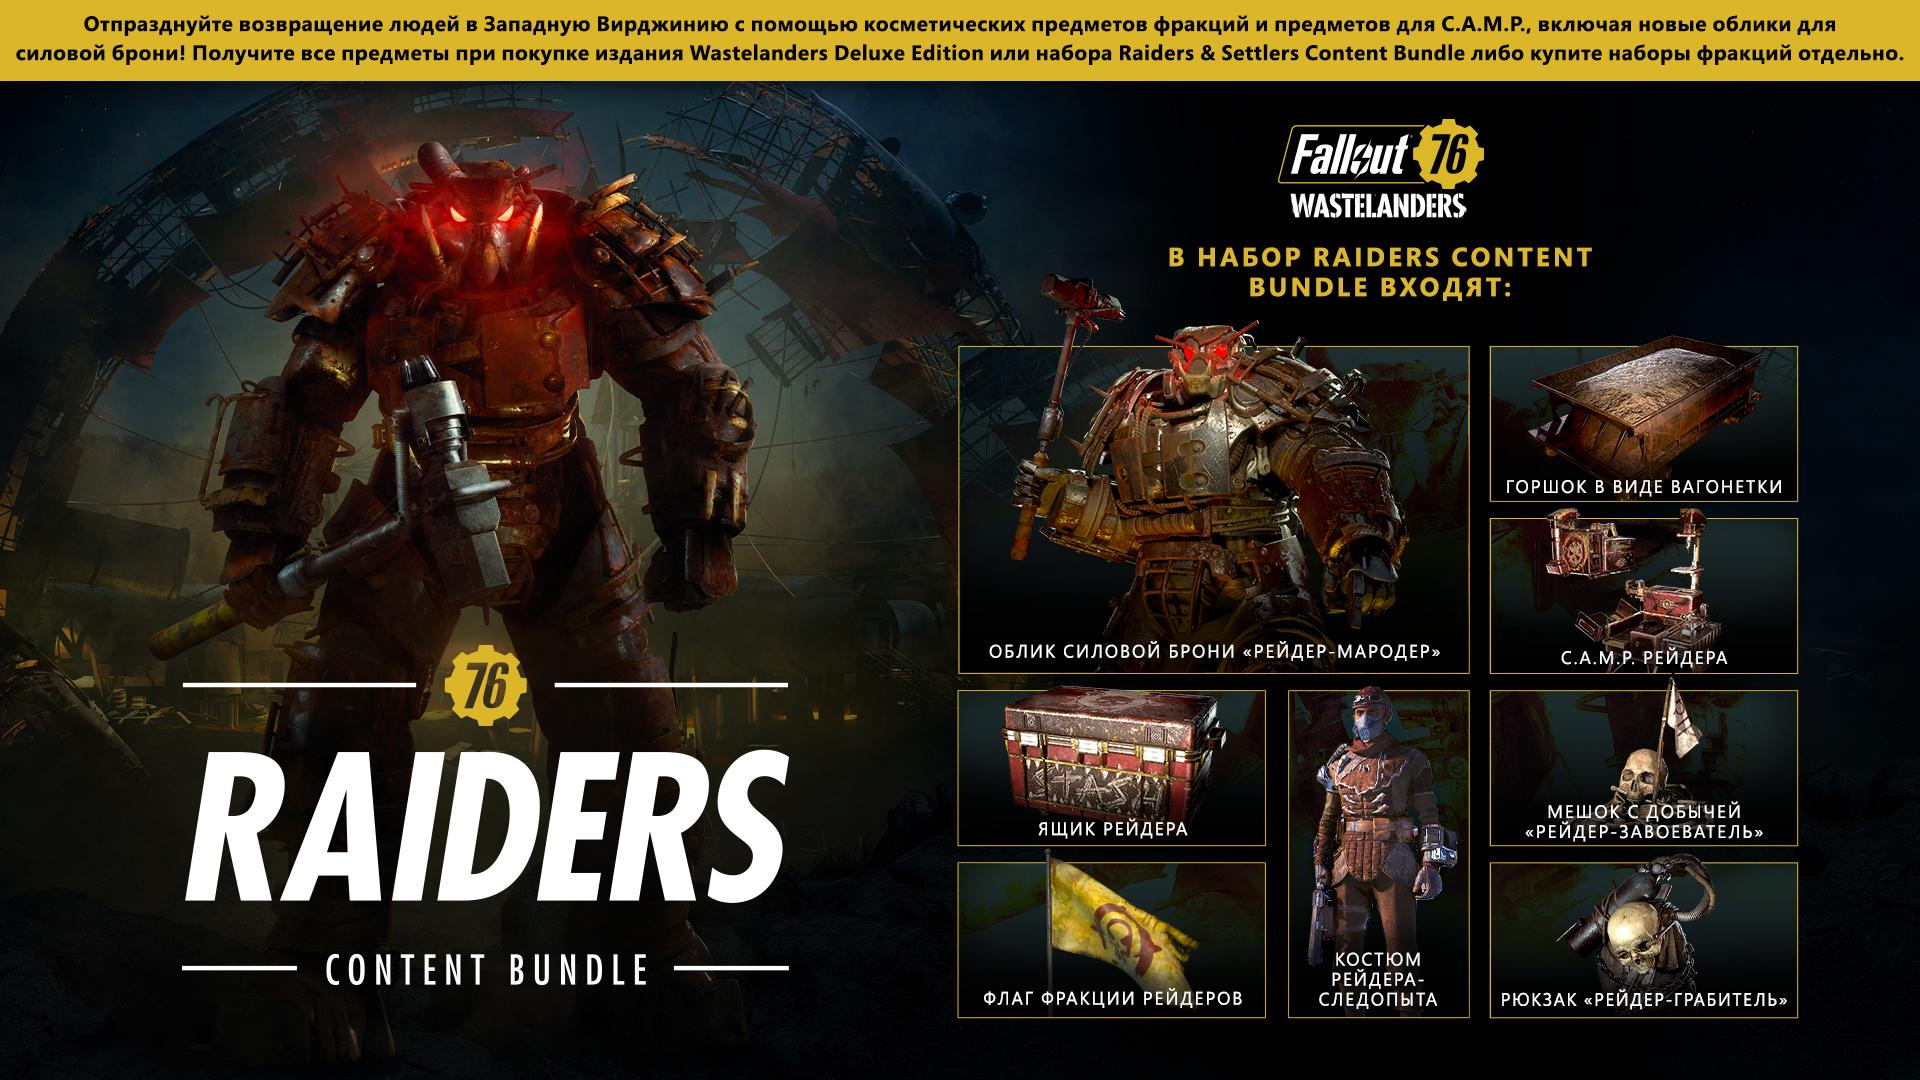 Обновление Wastelanders для Fallout 76 выйдет 7 апреля